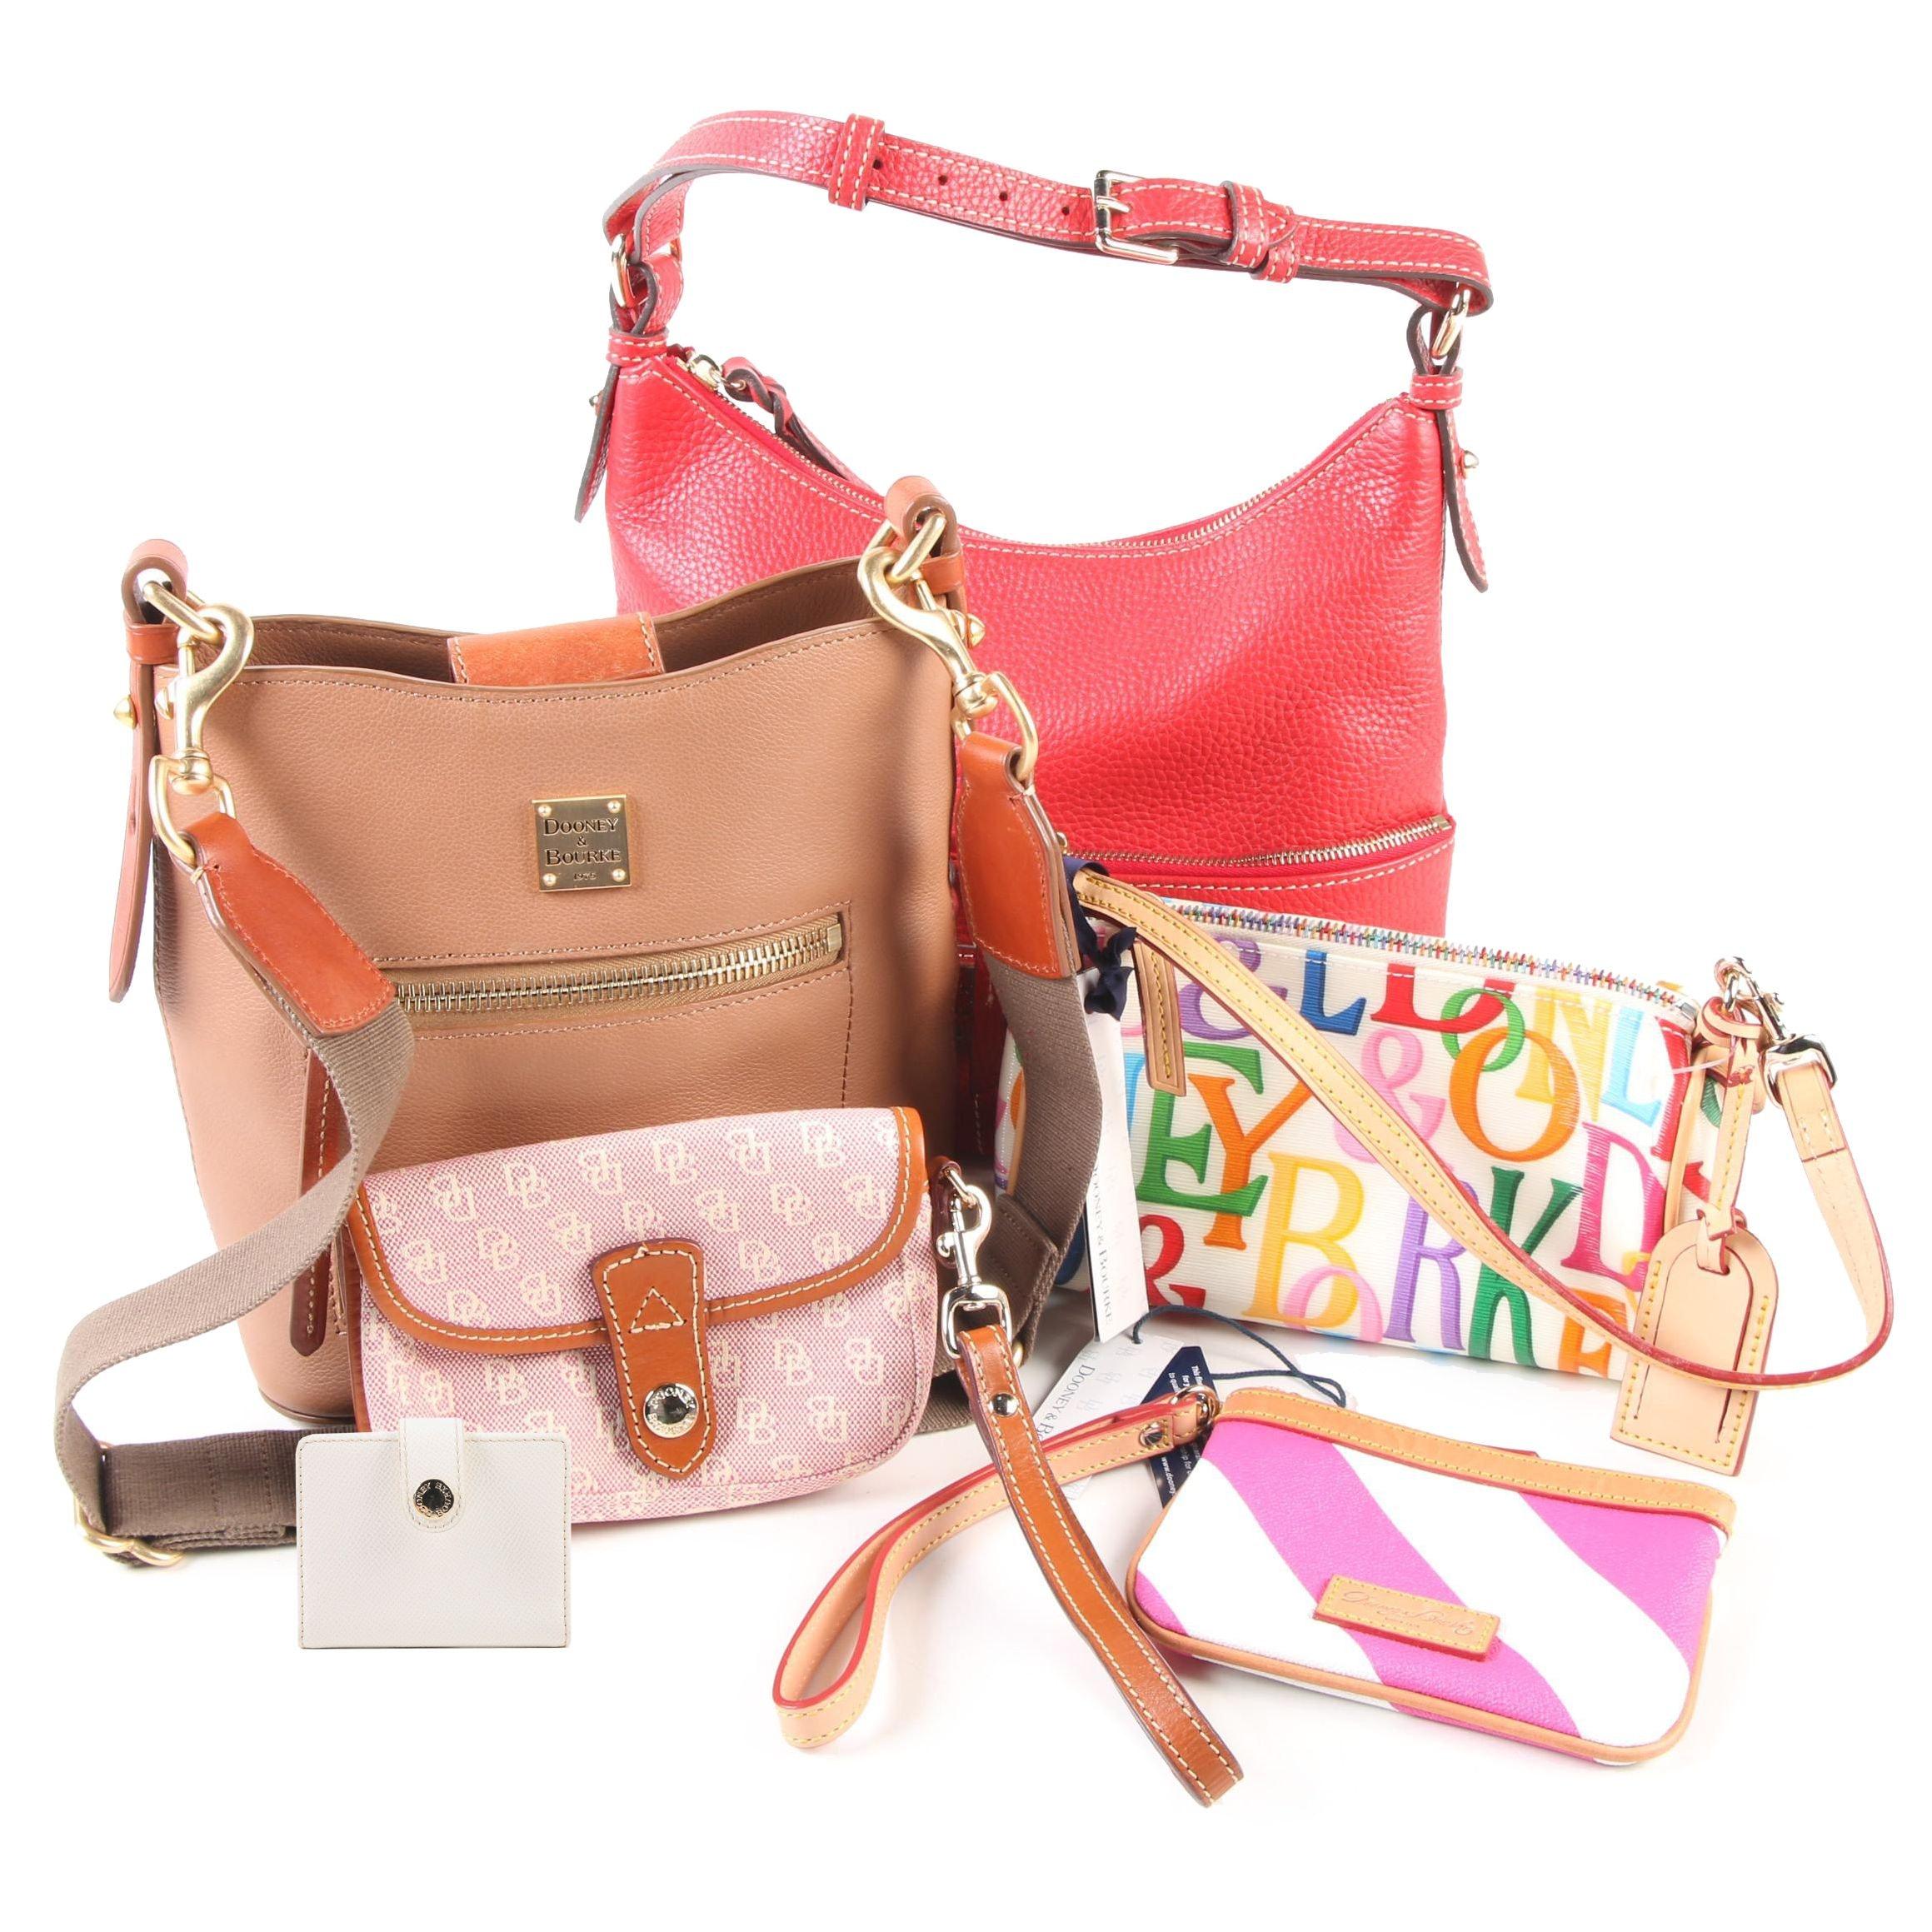 Dooney & Bourke Handbags, Wristlet and Wallet Assortment